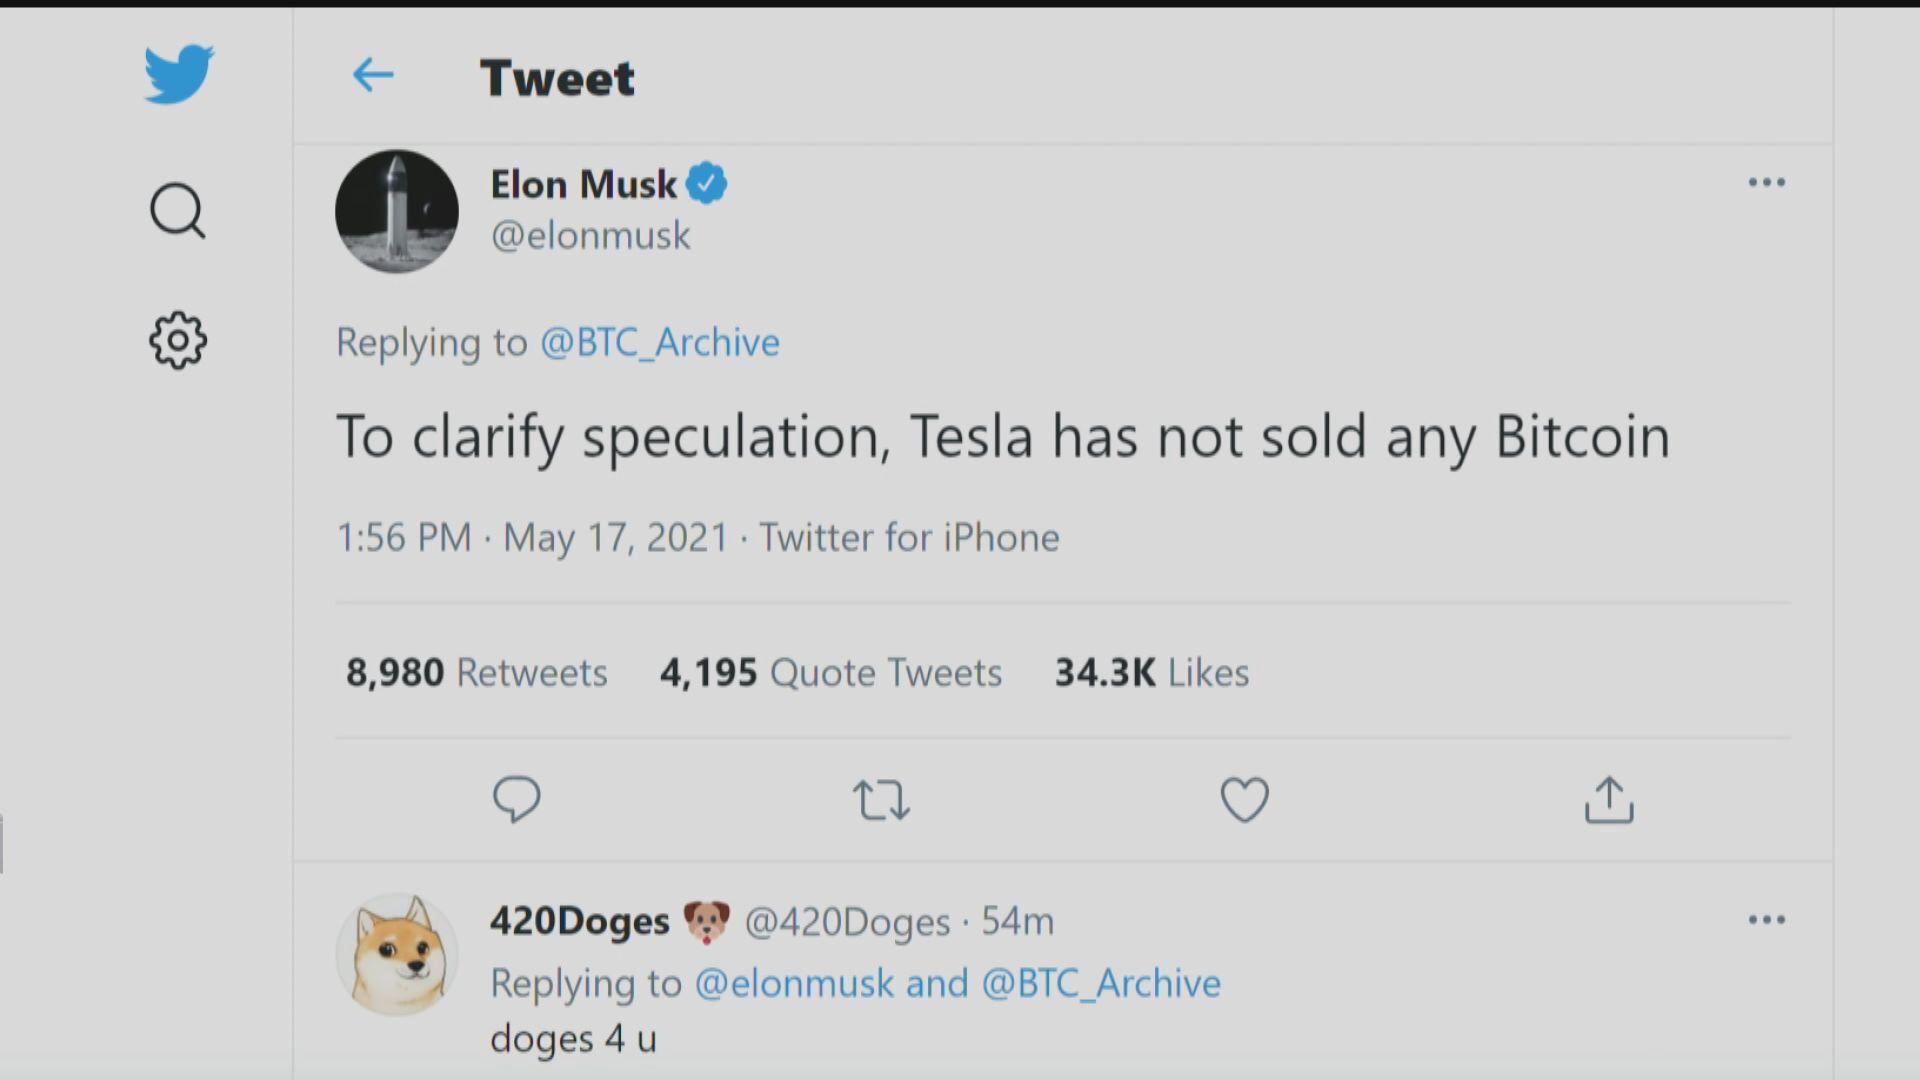 馬斯克澄清Tesla冇沽貨 Bitcoin即彈